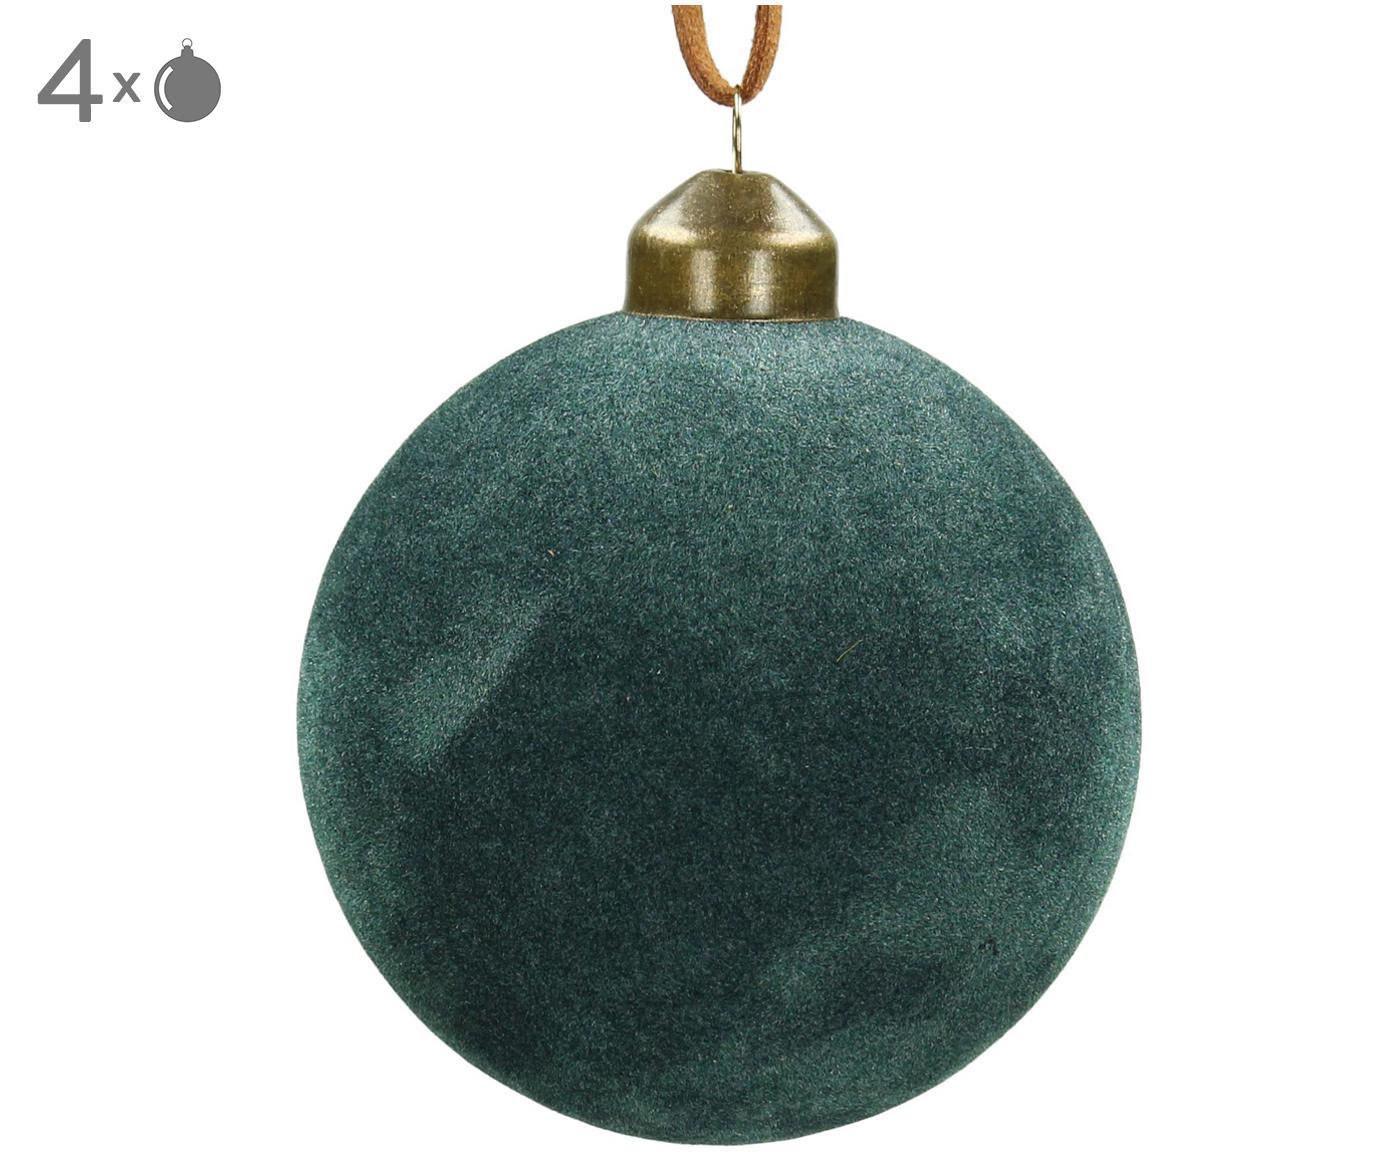 Kerstballen Velvet, 4 stuks, Glas, polyesterfluweel, Blauwgroen, Ø 8 cm